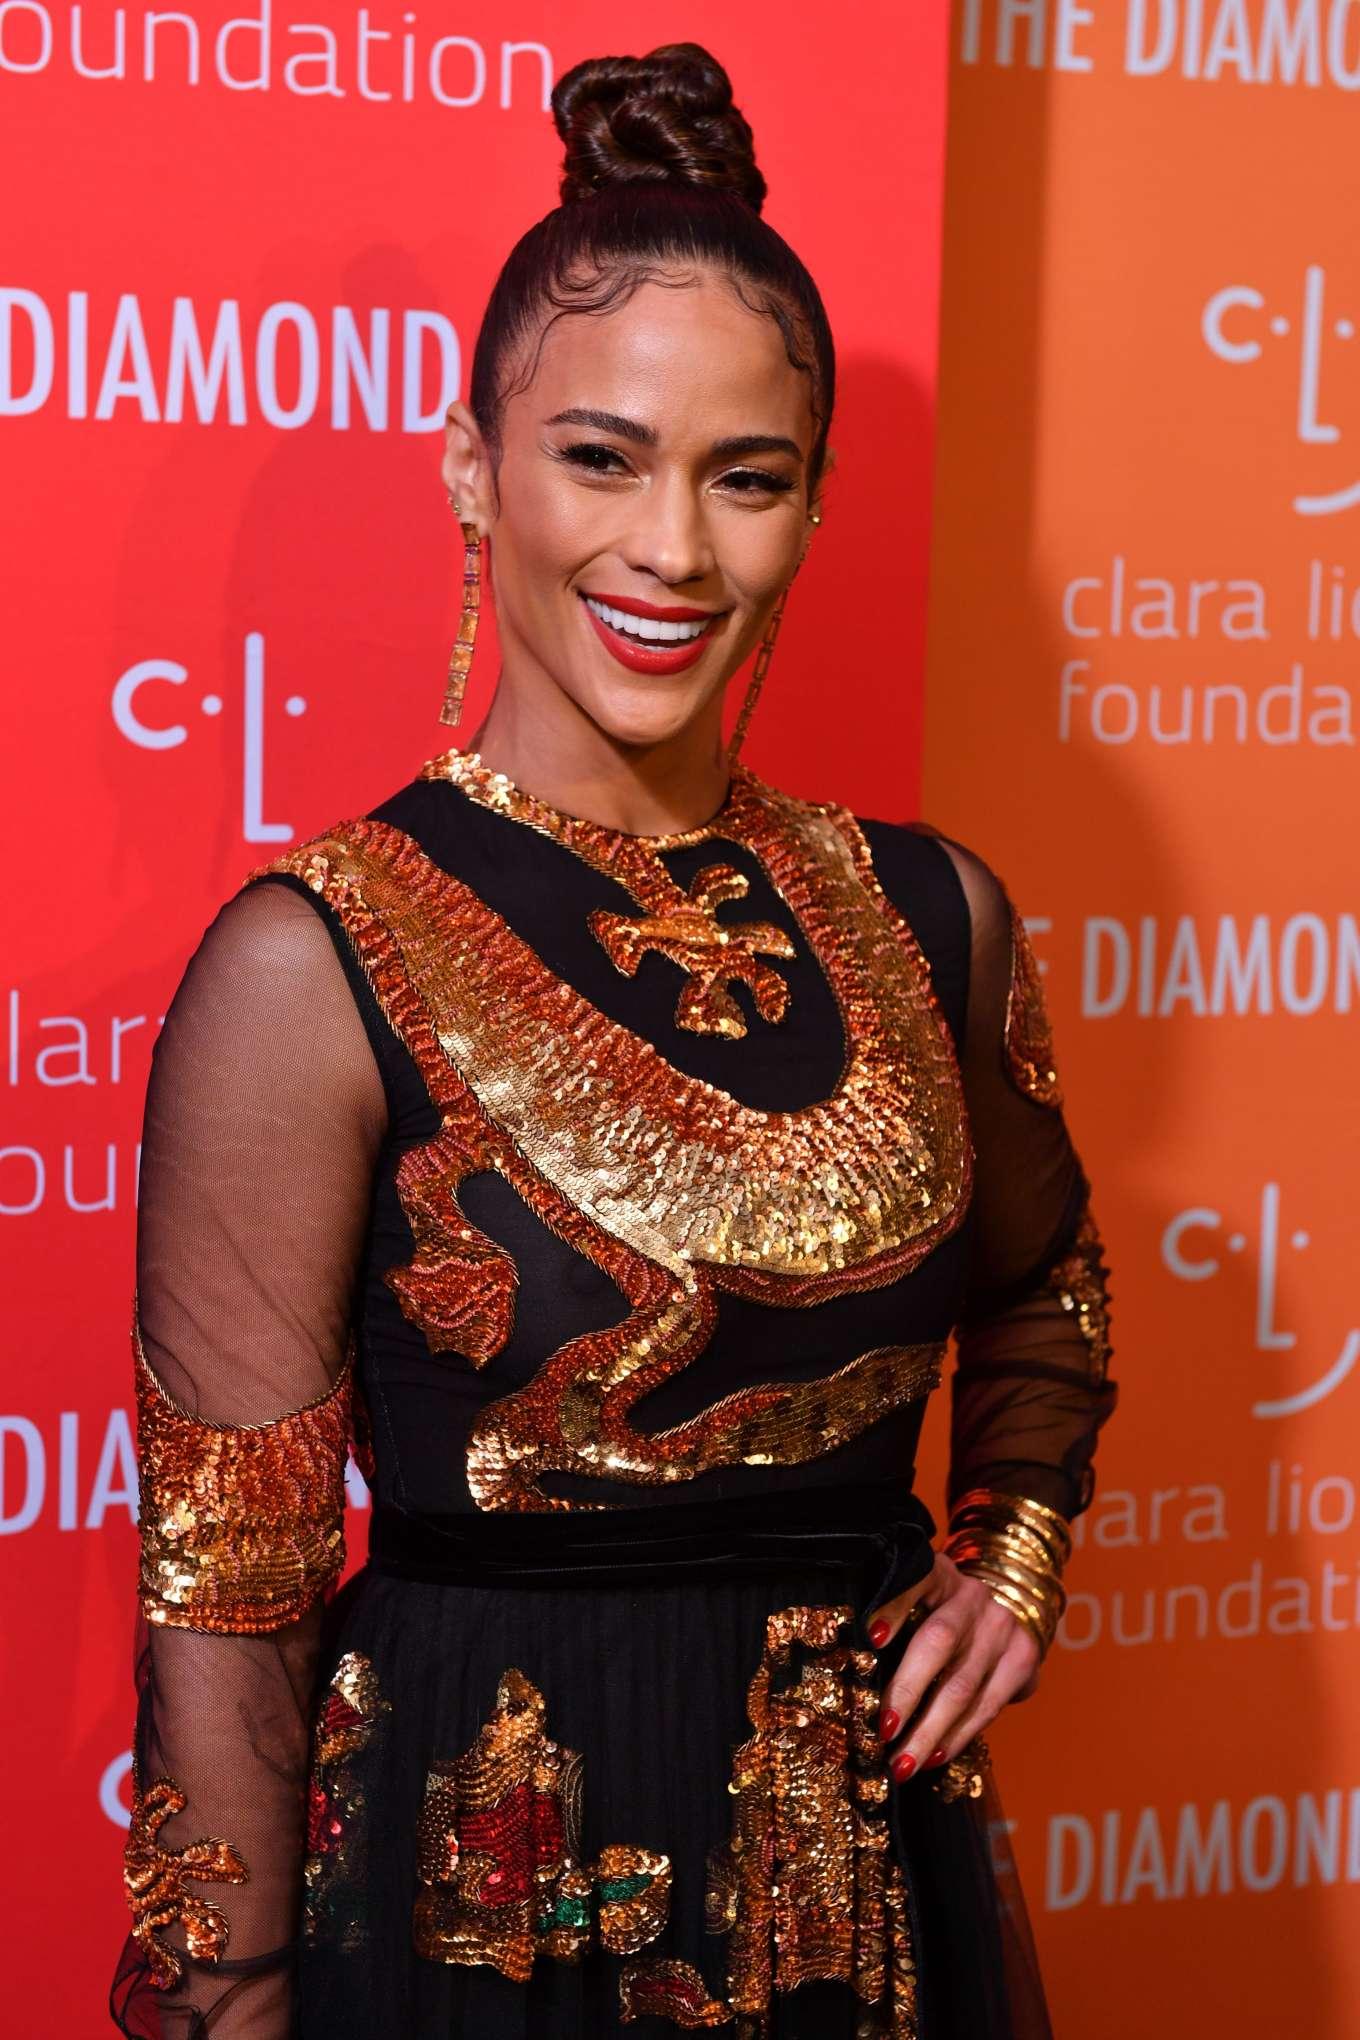 Paula Patton 2019 : Paula Patton – Rihannas 5th Annual Diamond Ball-06